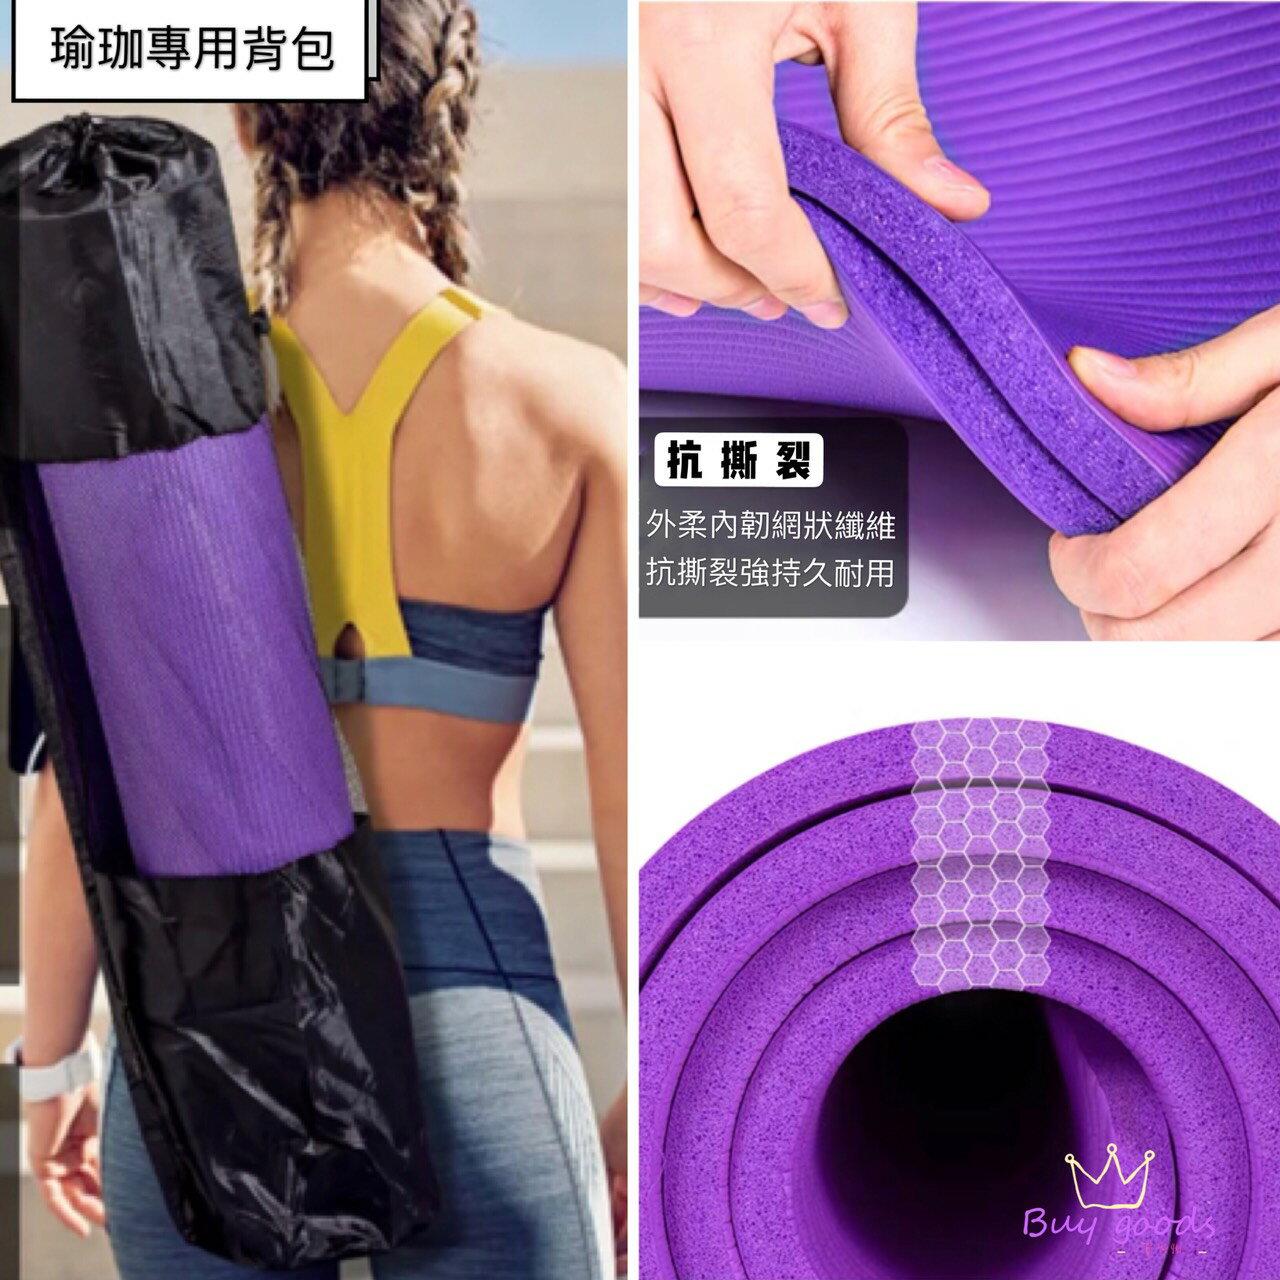 健身 瑜伽墊 / 運動 地墊 遊戲墊  / 瑜珈健身墊 / 防滑墊《10MM / 15MM 瑜珈墊+束帶+收納袋三件套》 9